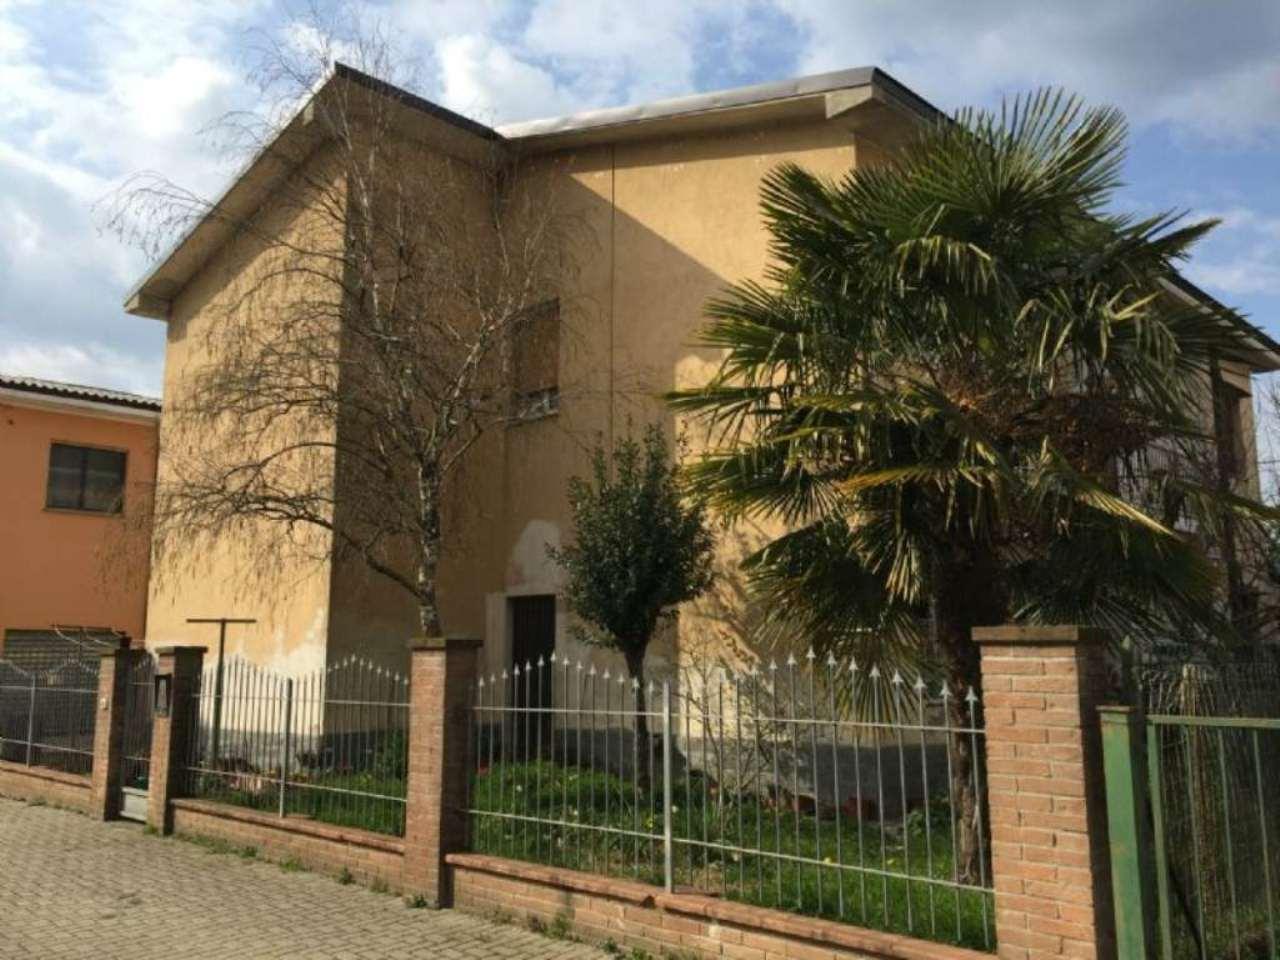 Soluzione Semindipendente in vendita a San Martino in Strada, 4 locali, prezzo € 140.000 | Cambio Casa.it